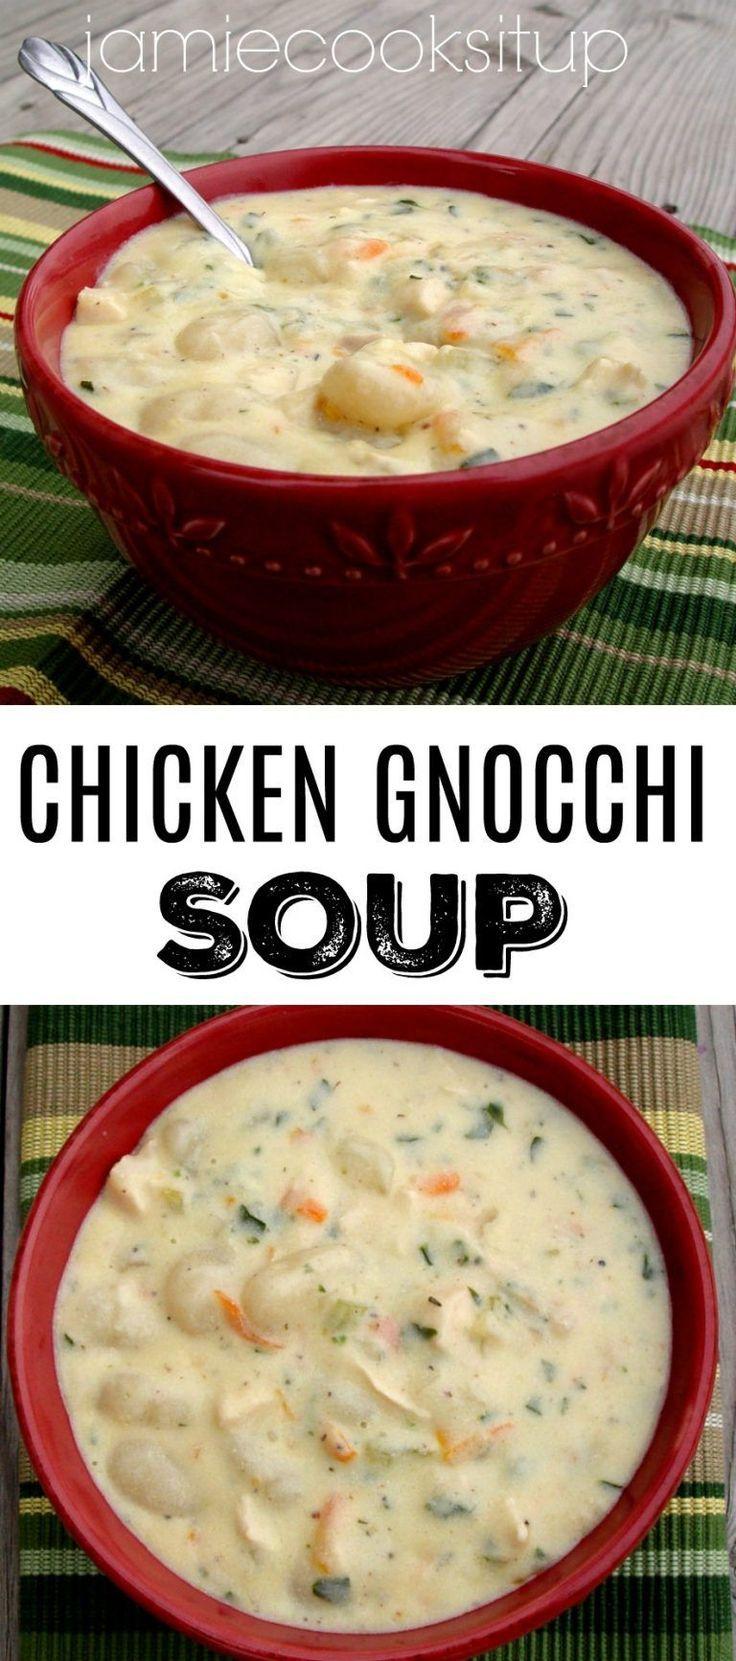 Hühnchen-Gnocchi-Suppe Letzte Woche war hier in Utah die Sonne ausgegangen. Es war wirklich raus